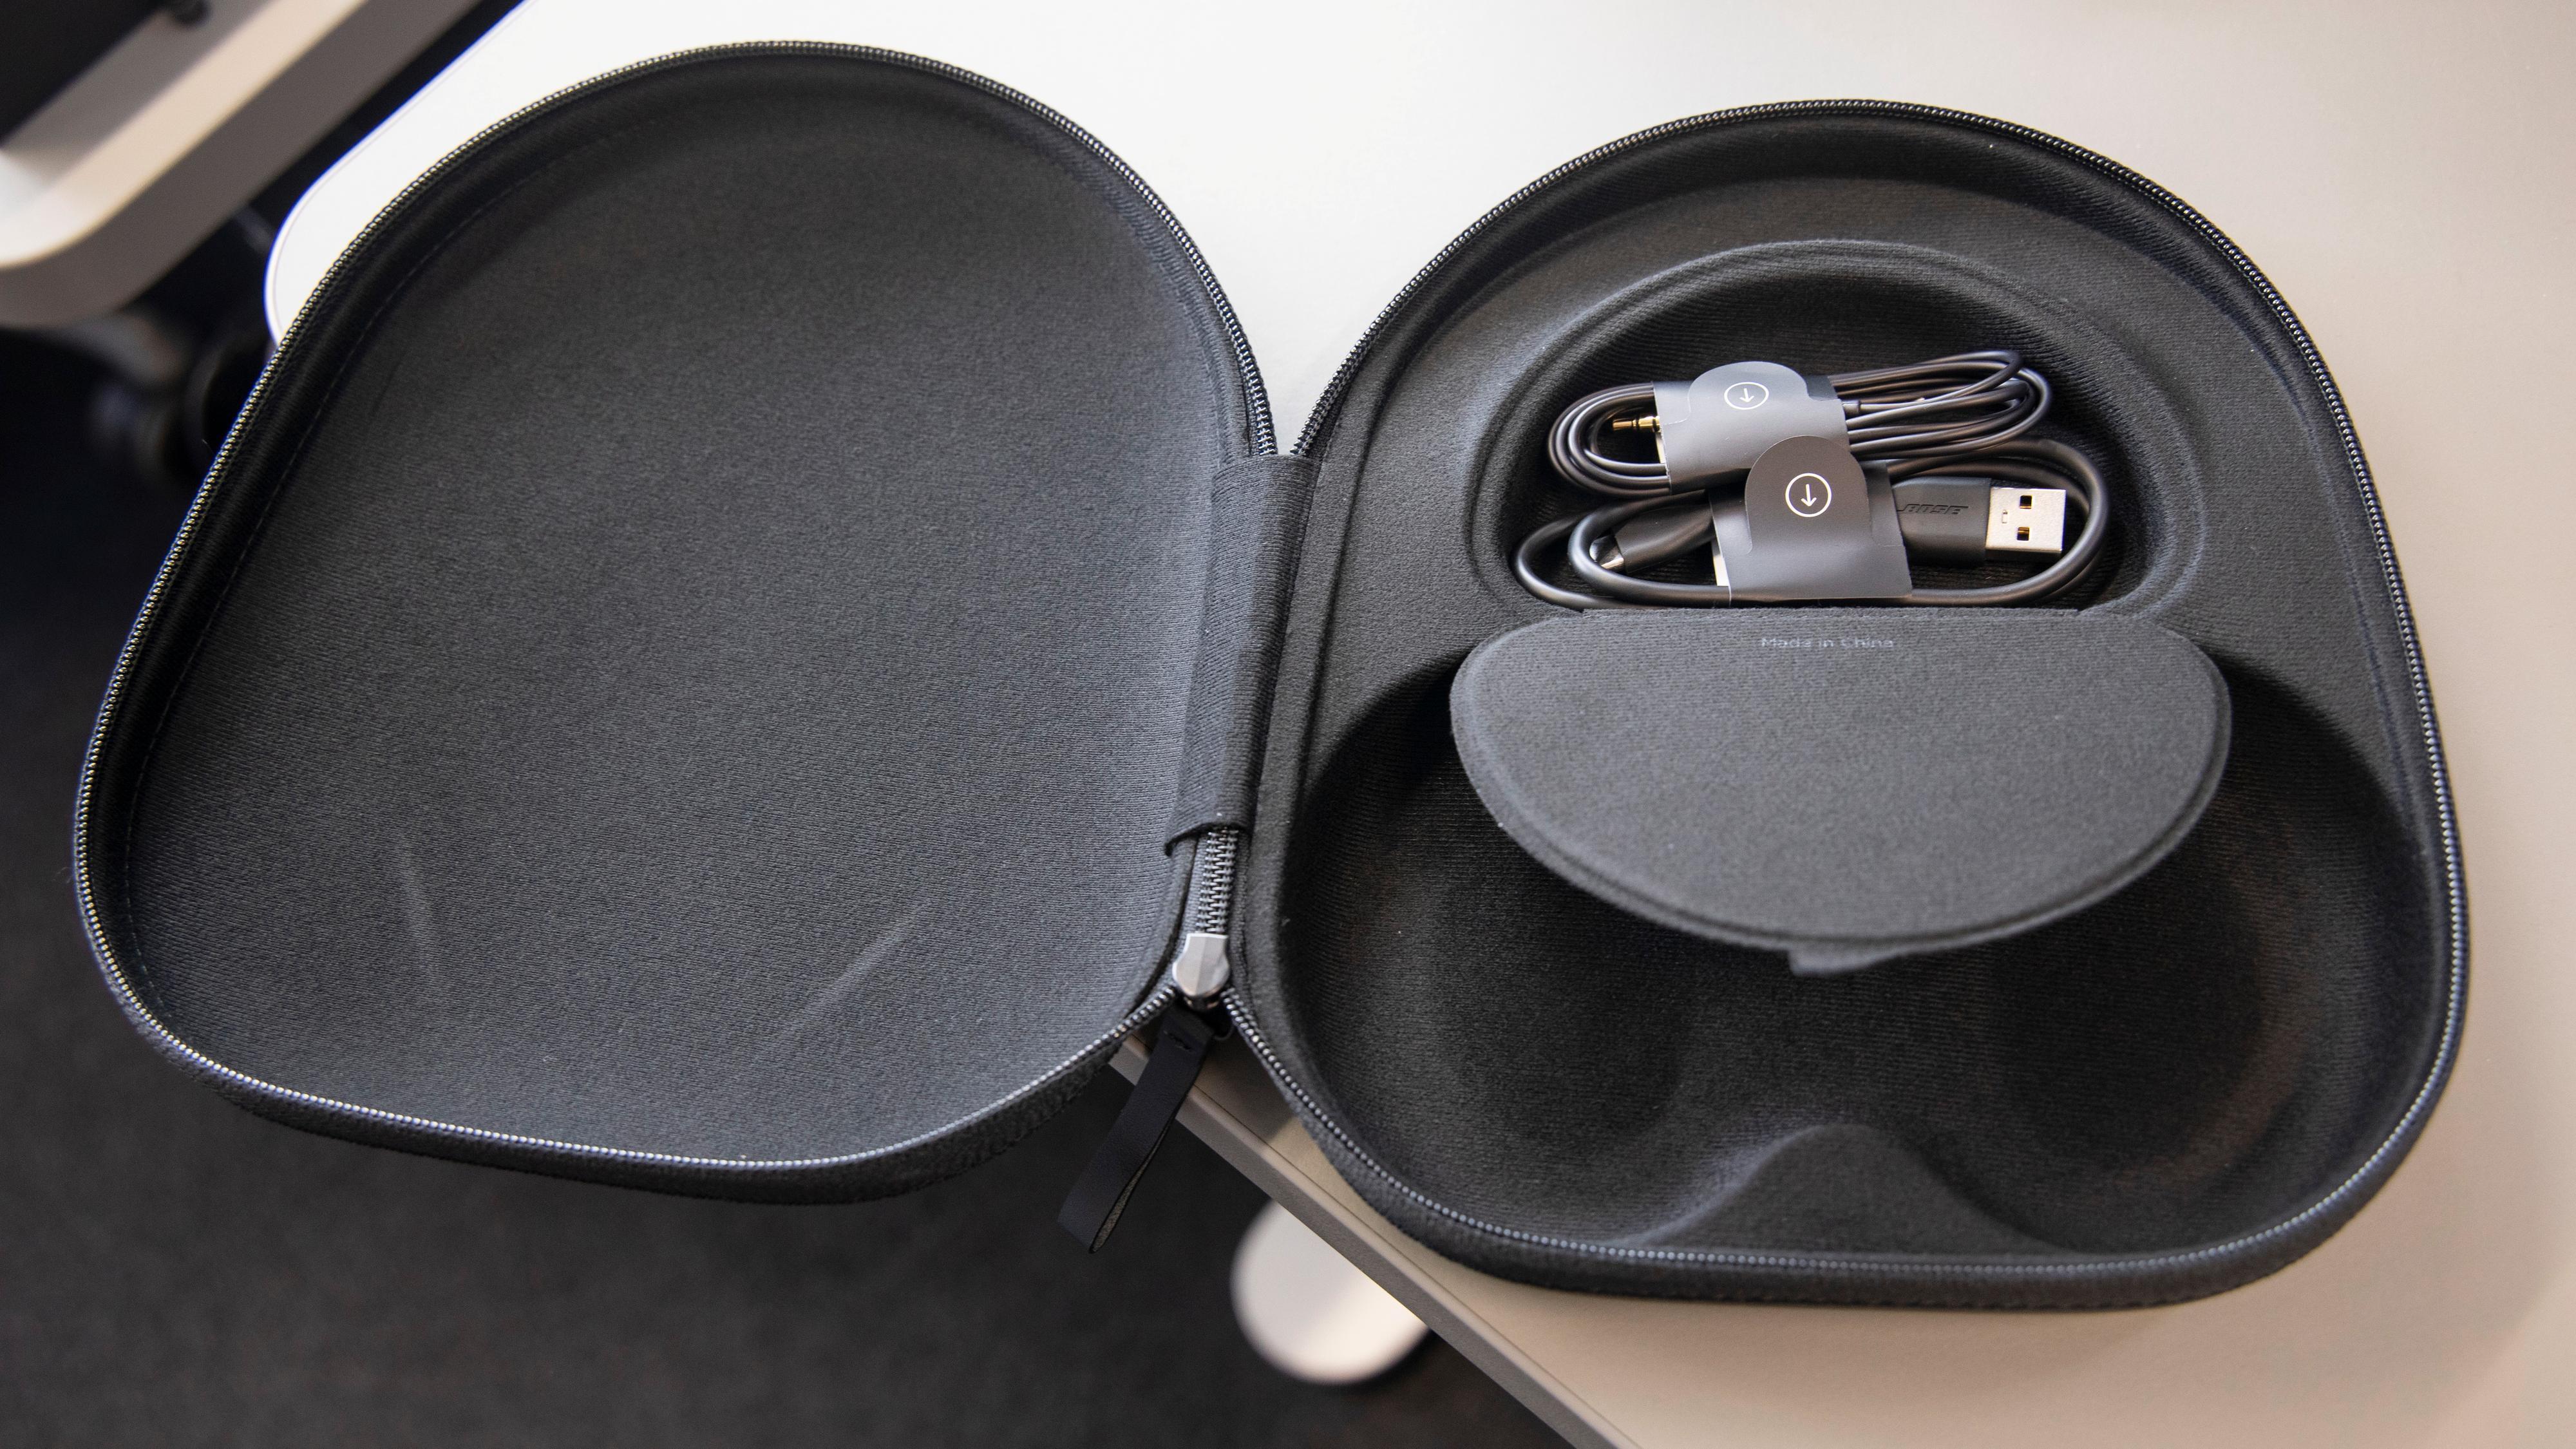 Bose-hodetelefonene er ikke sammenleggbare, og det gjør etuiet ganske stort. Kablene er gjemt under en liten magnetfestet flapp.